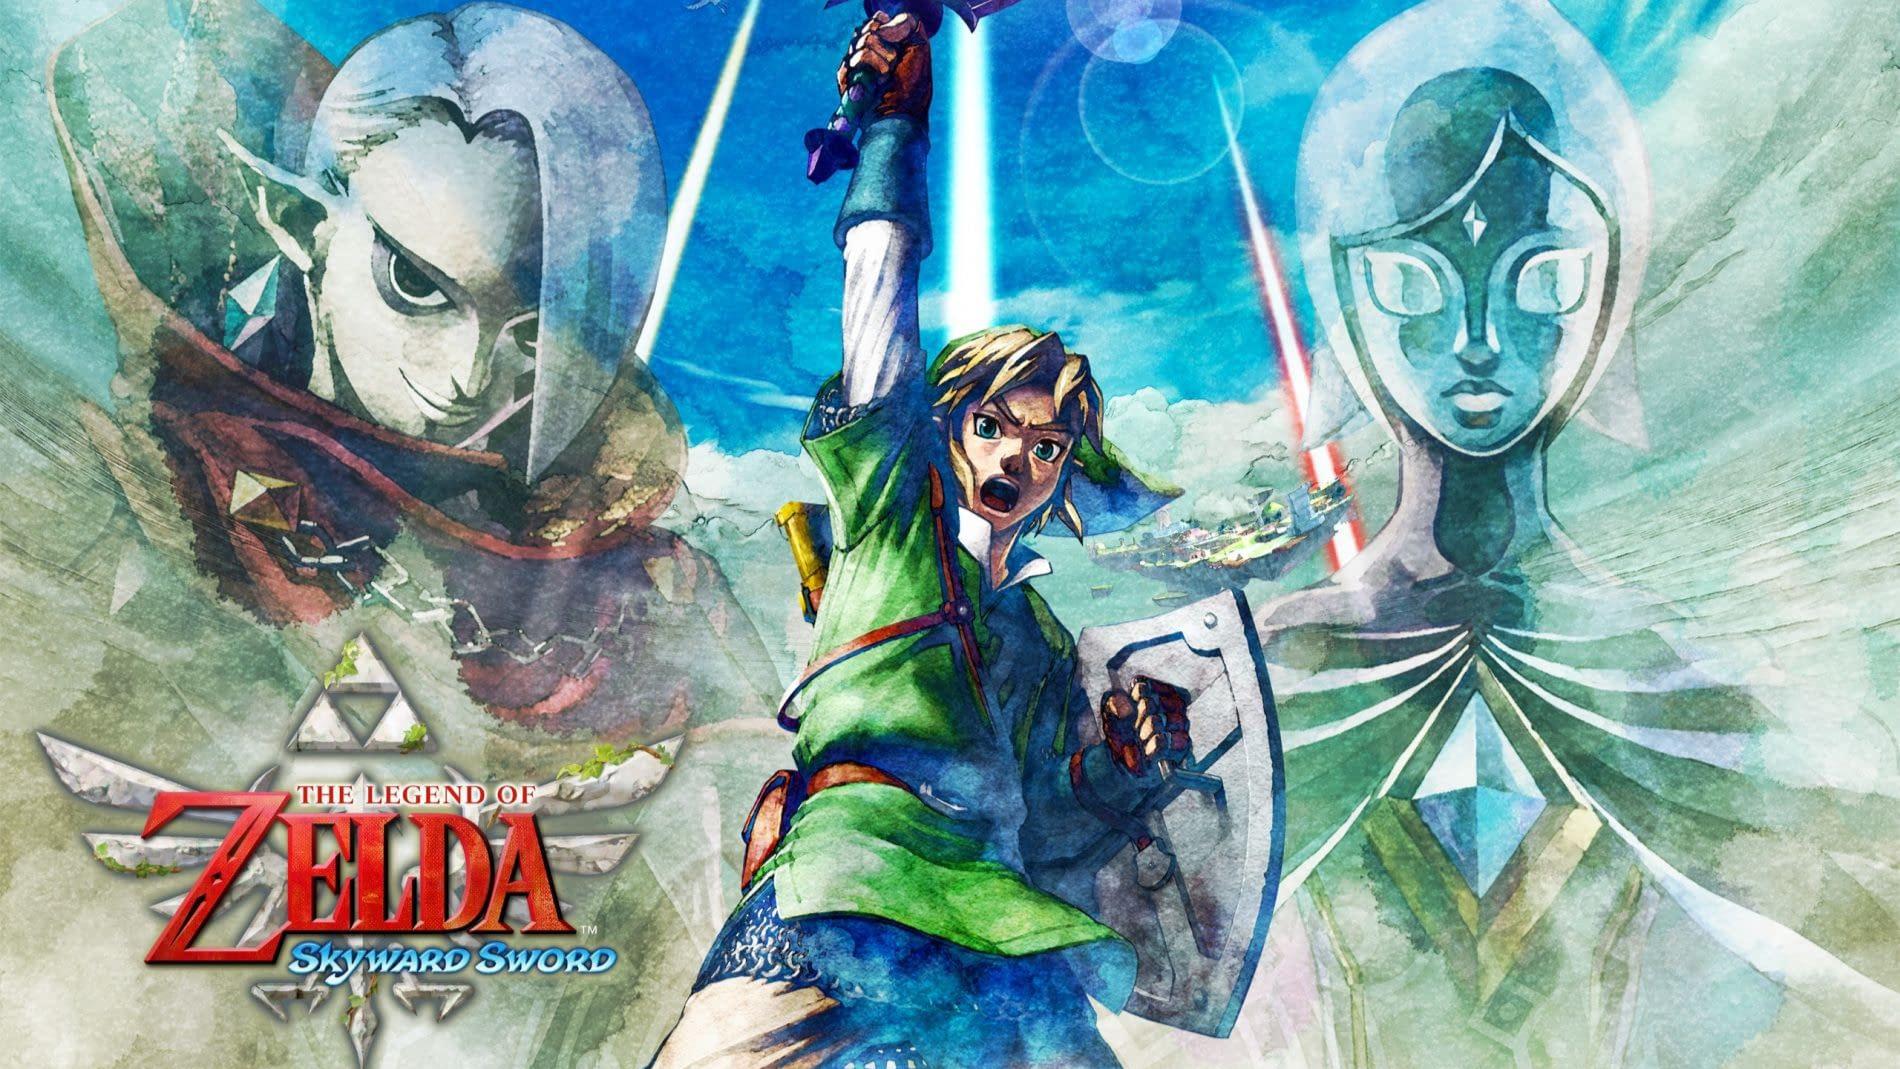 【风信子】《塞尔达传说:天空之剑》下:三角力量篇(全10P)(完结)